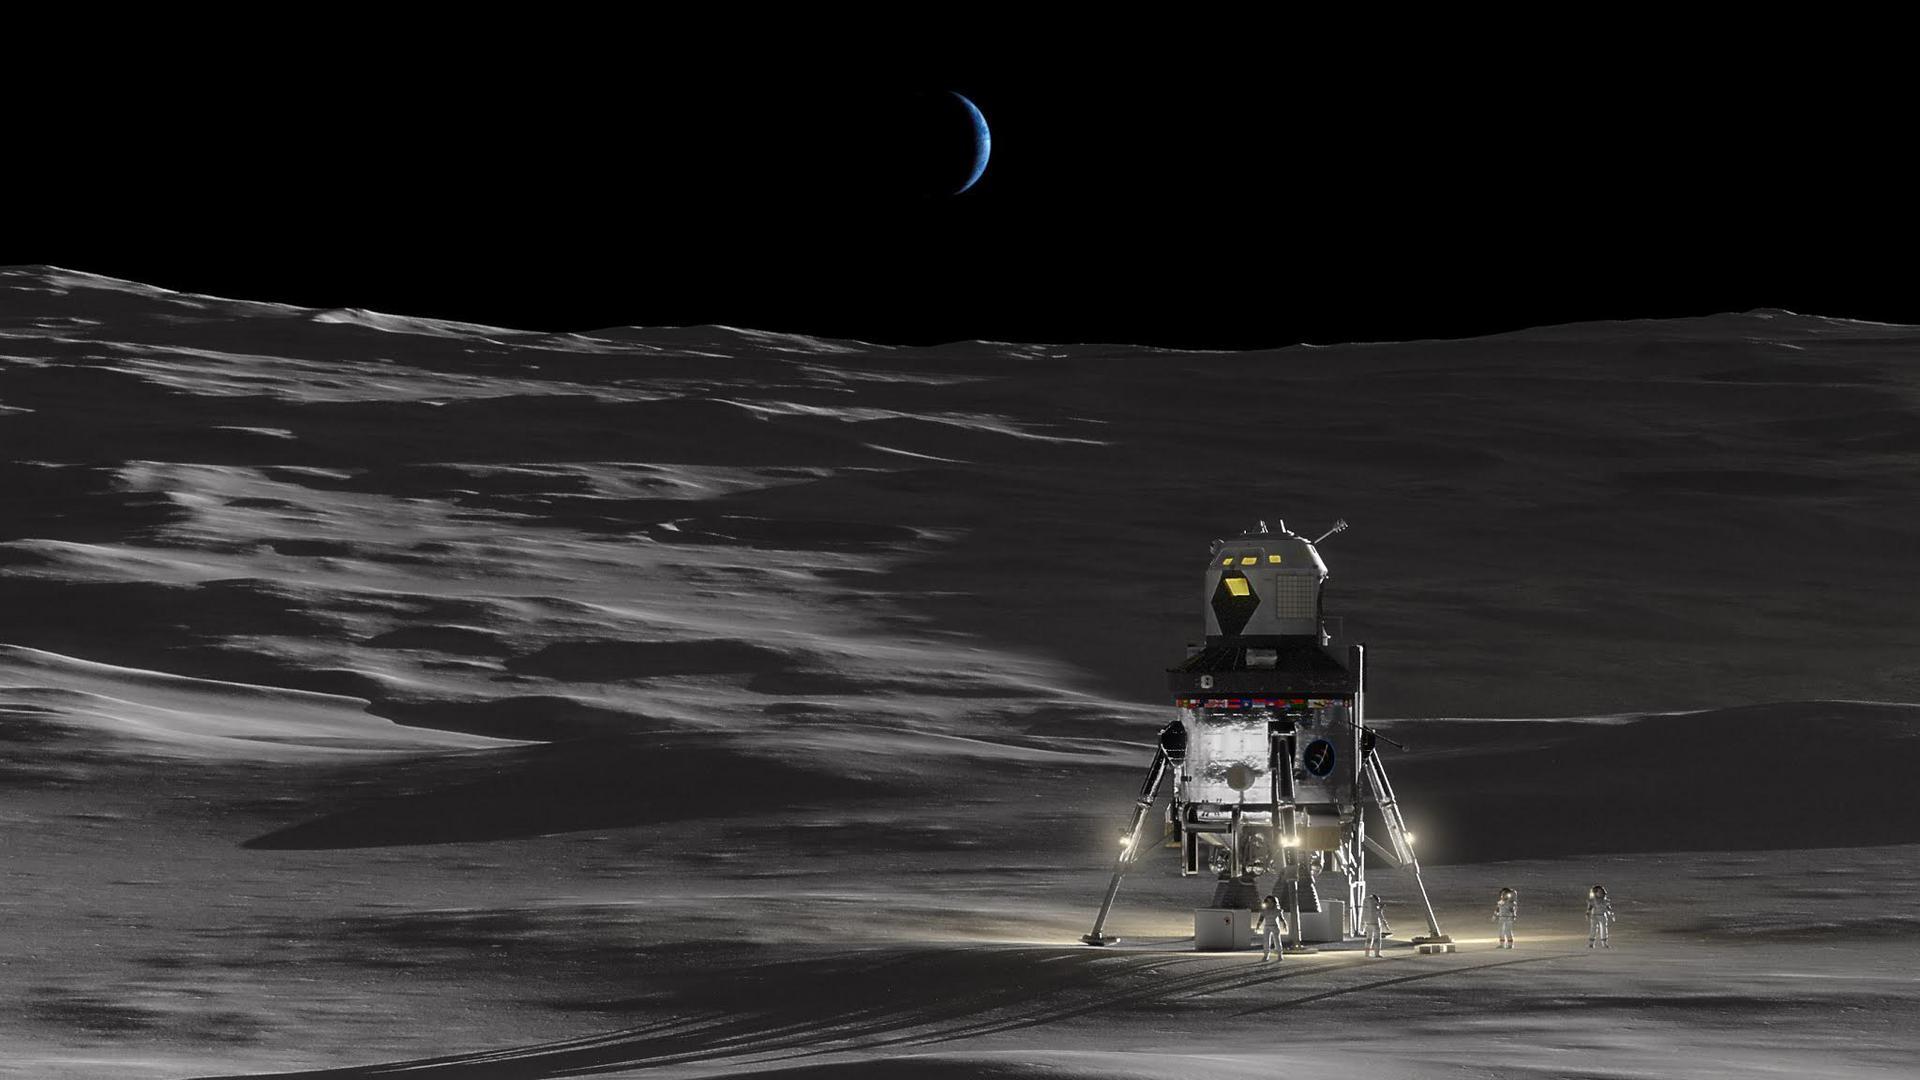 spacecraft found on moon - HD1600×899